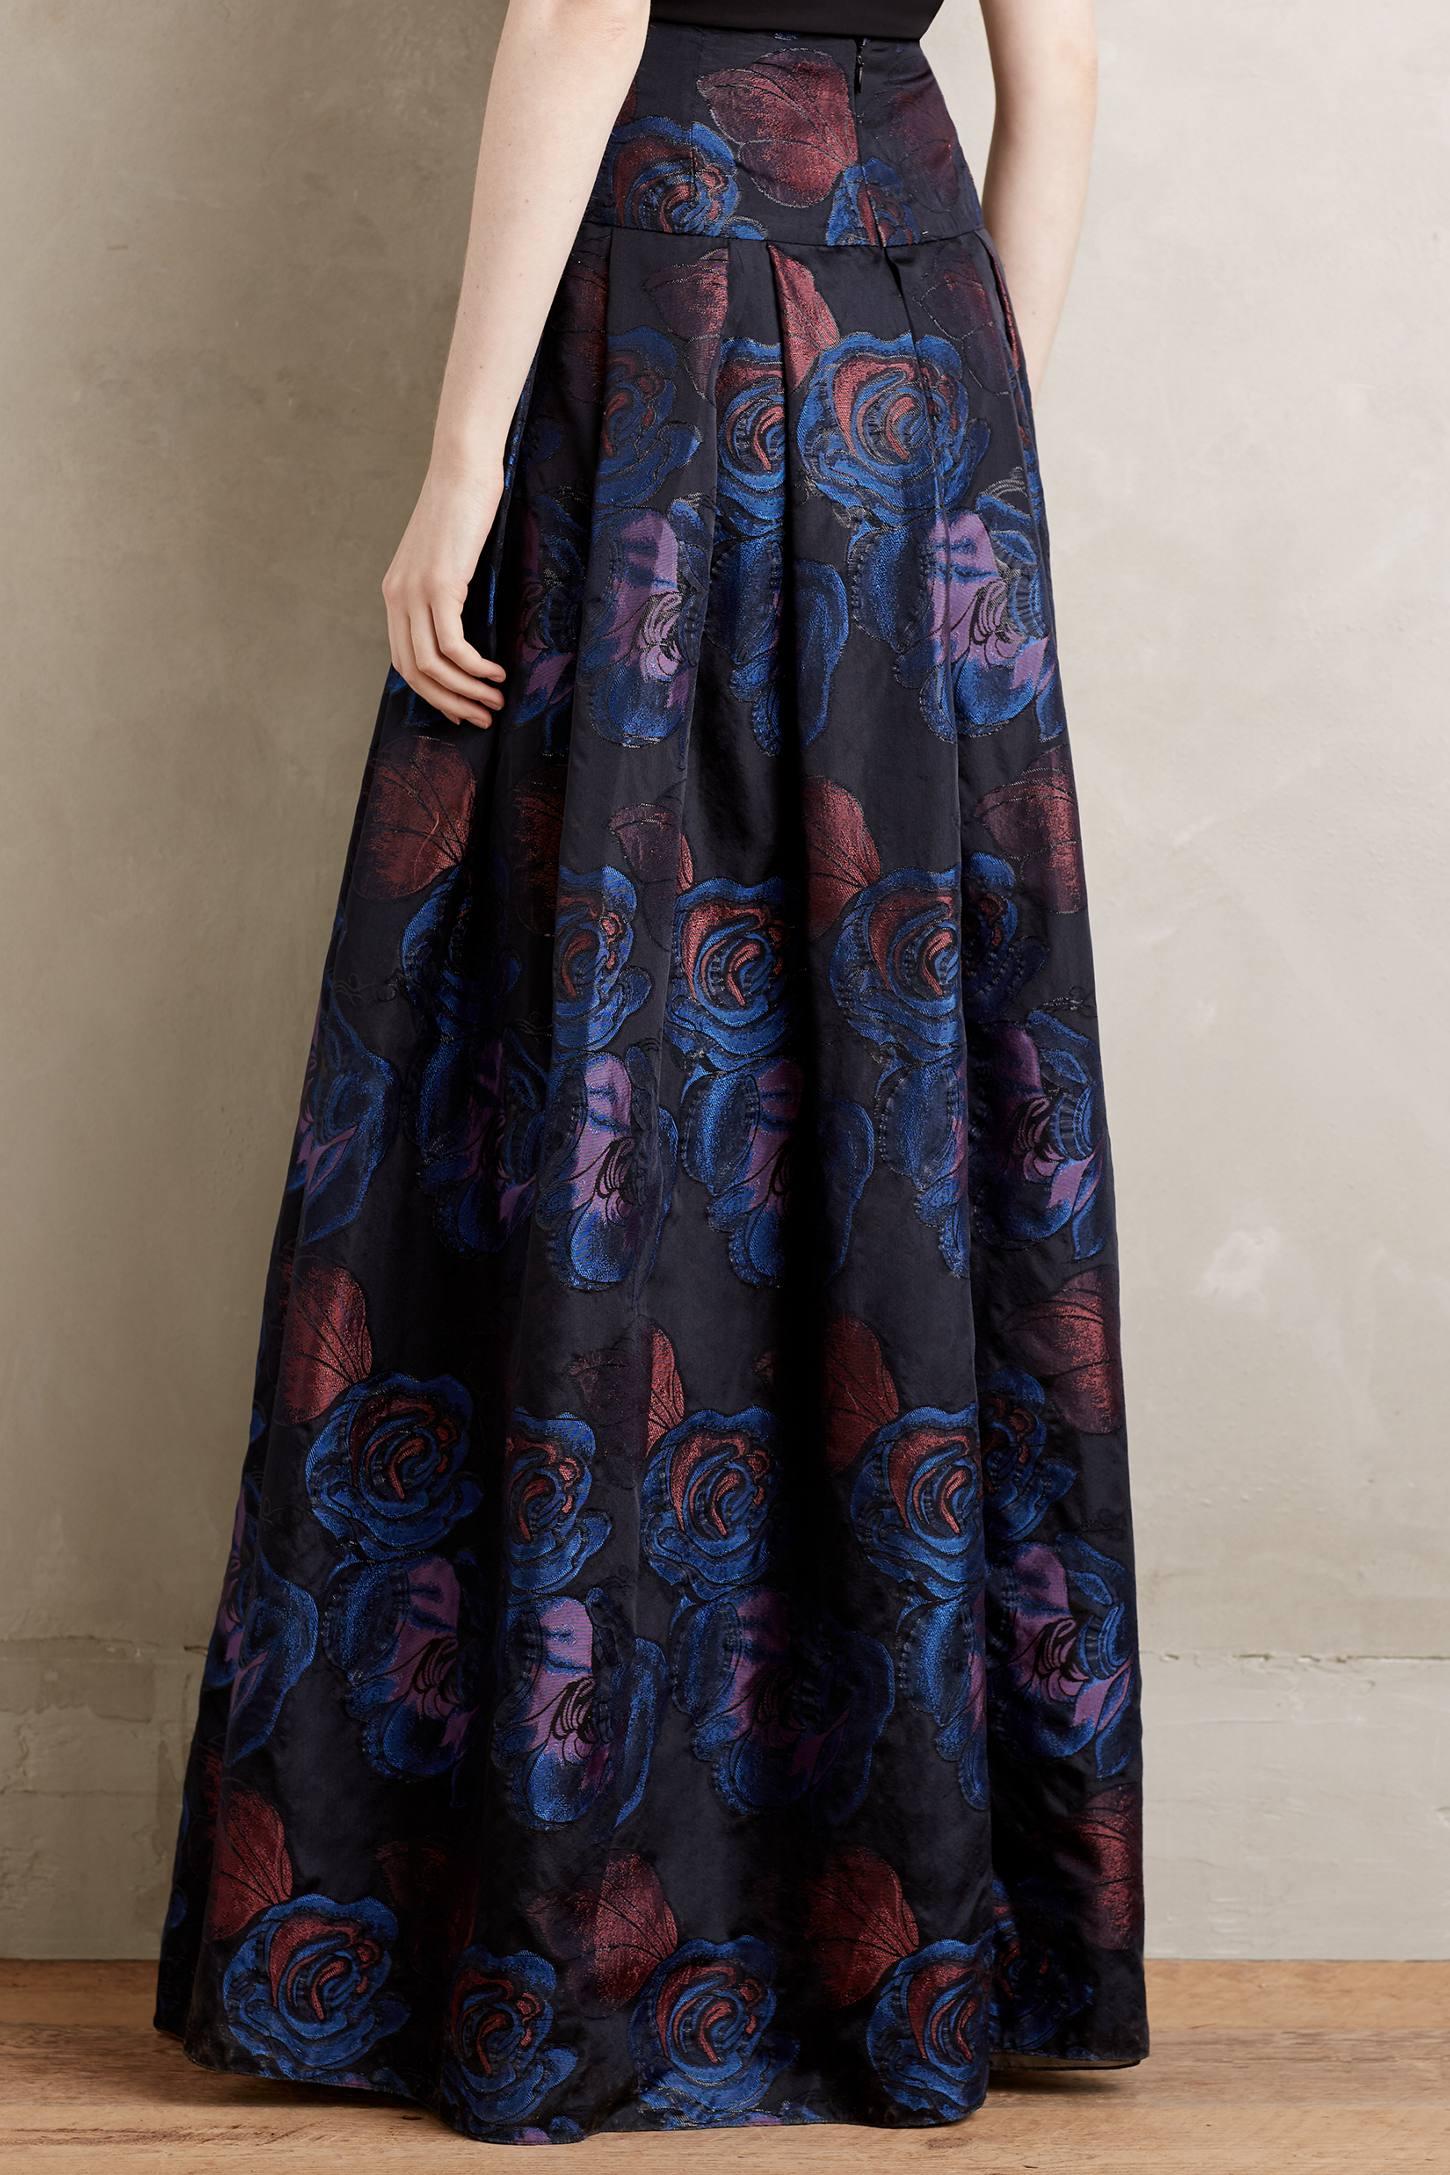 Venetian Ball Skirt